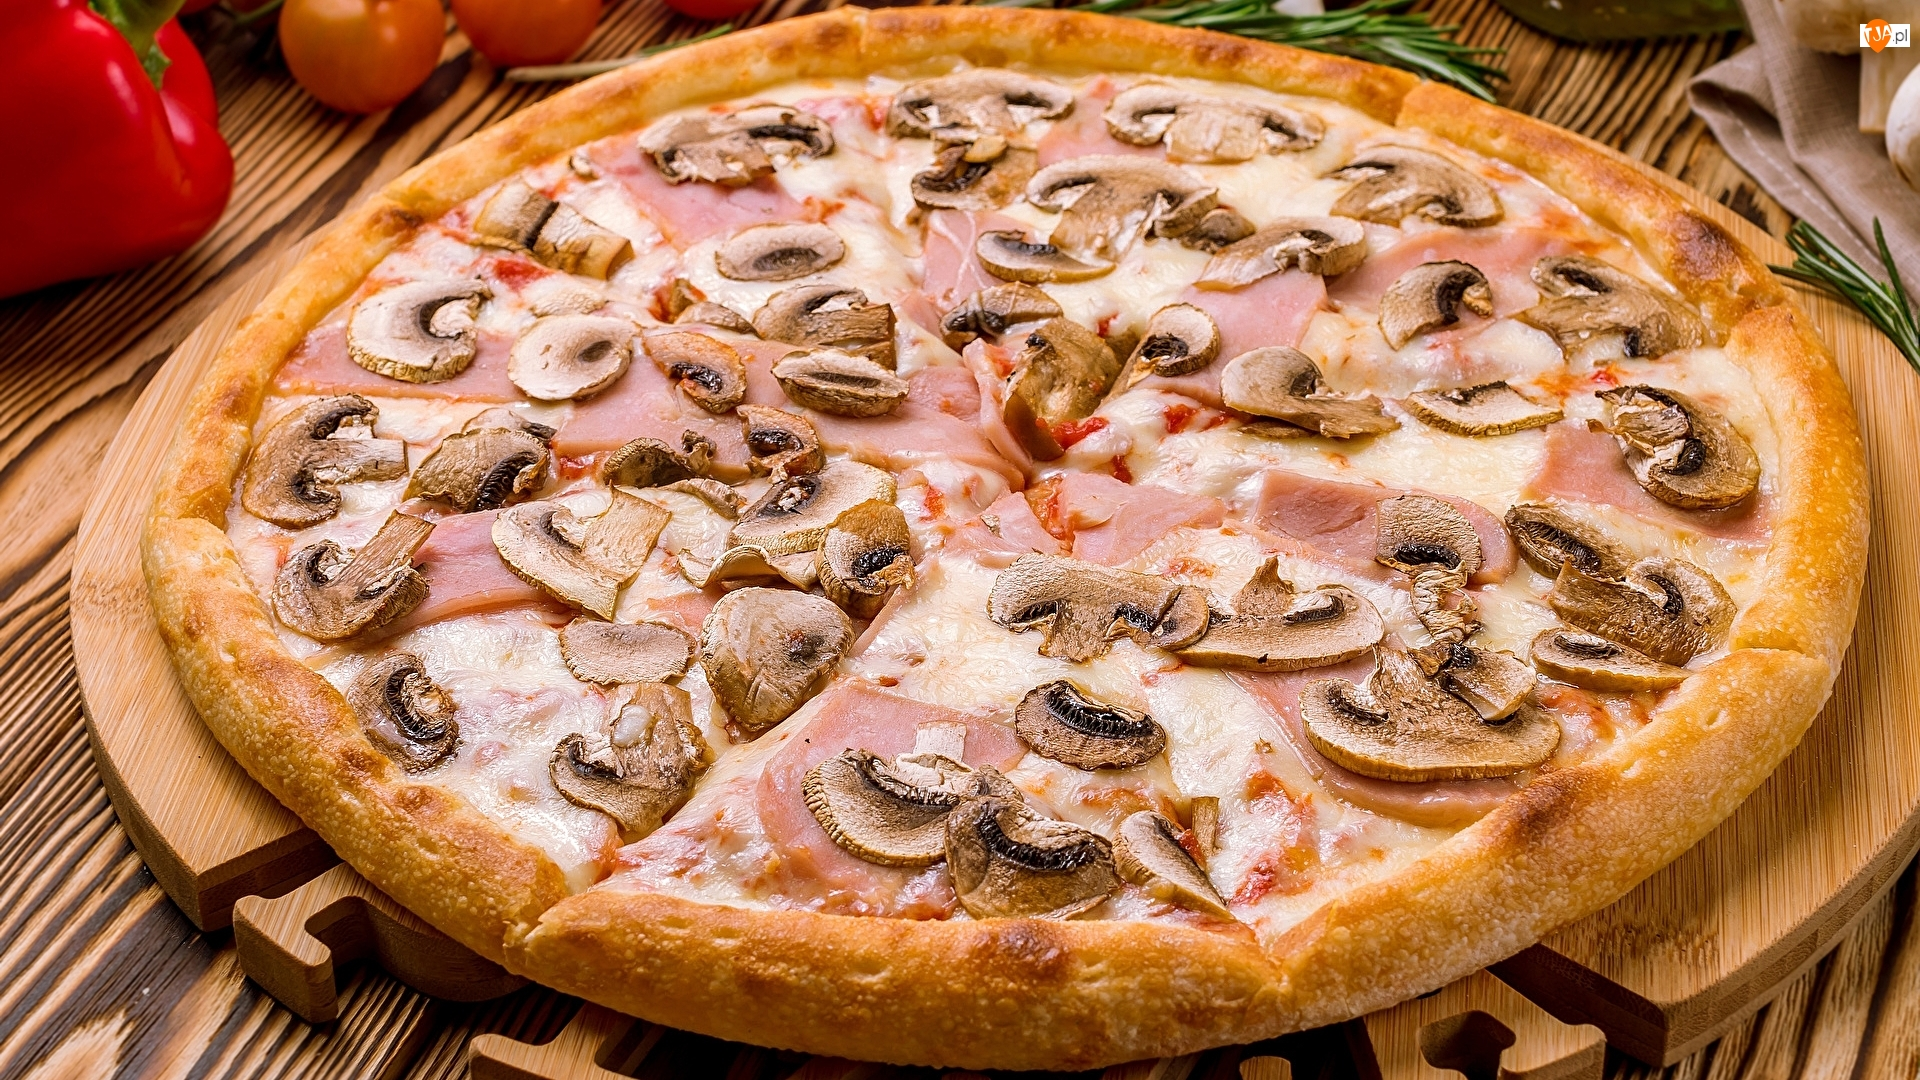 Szynka, Pizza, Ser, Pieczarki